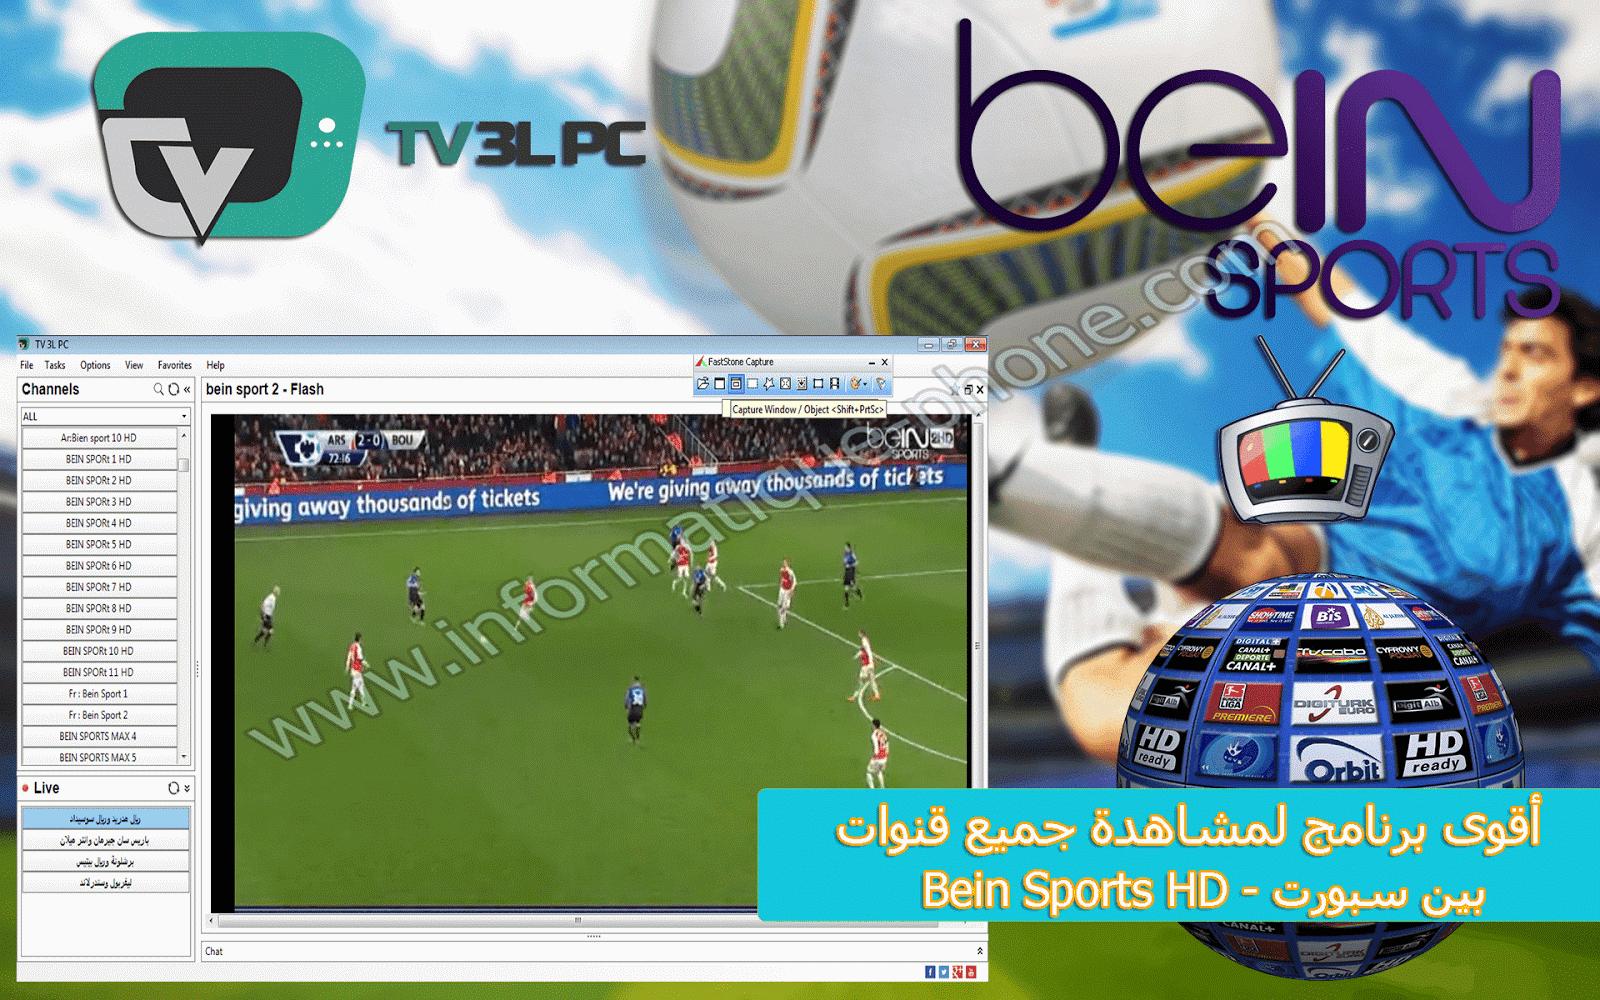 برنامج مشاهدة قنوات bein sports HD مجانا على حاسوبك 2017